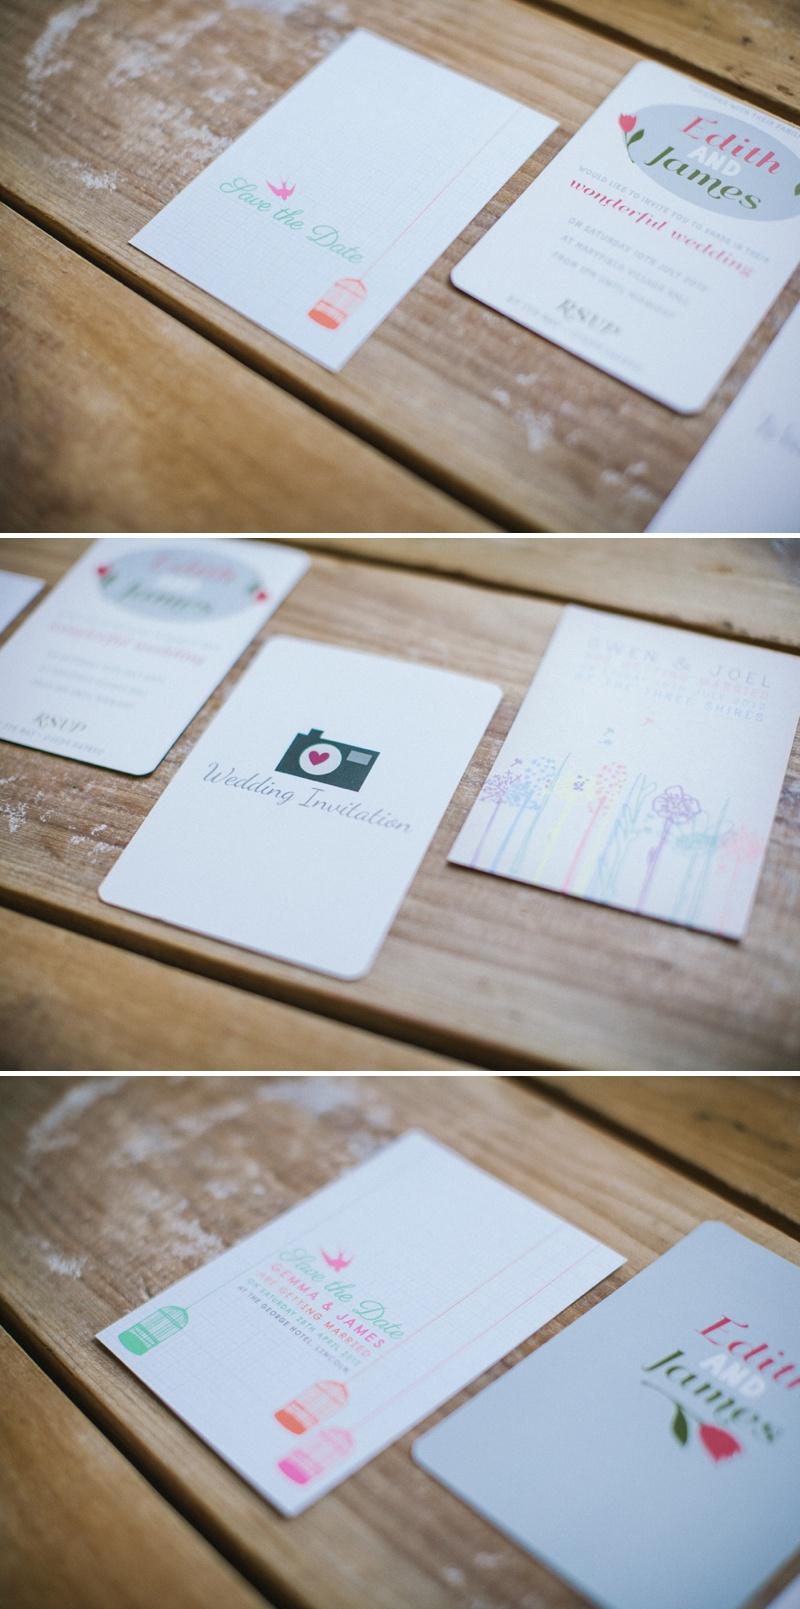 Dottypink Designs Wedding Stationery